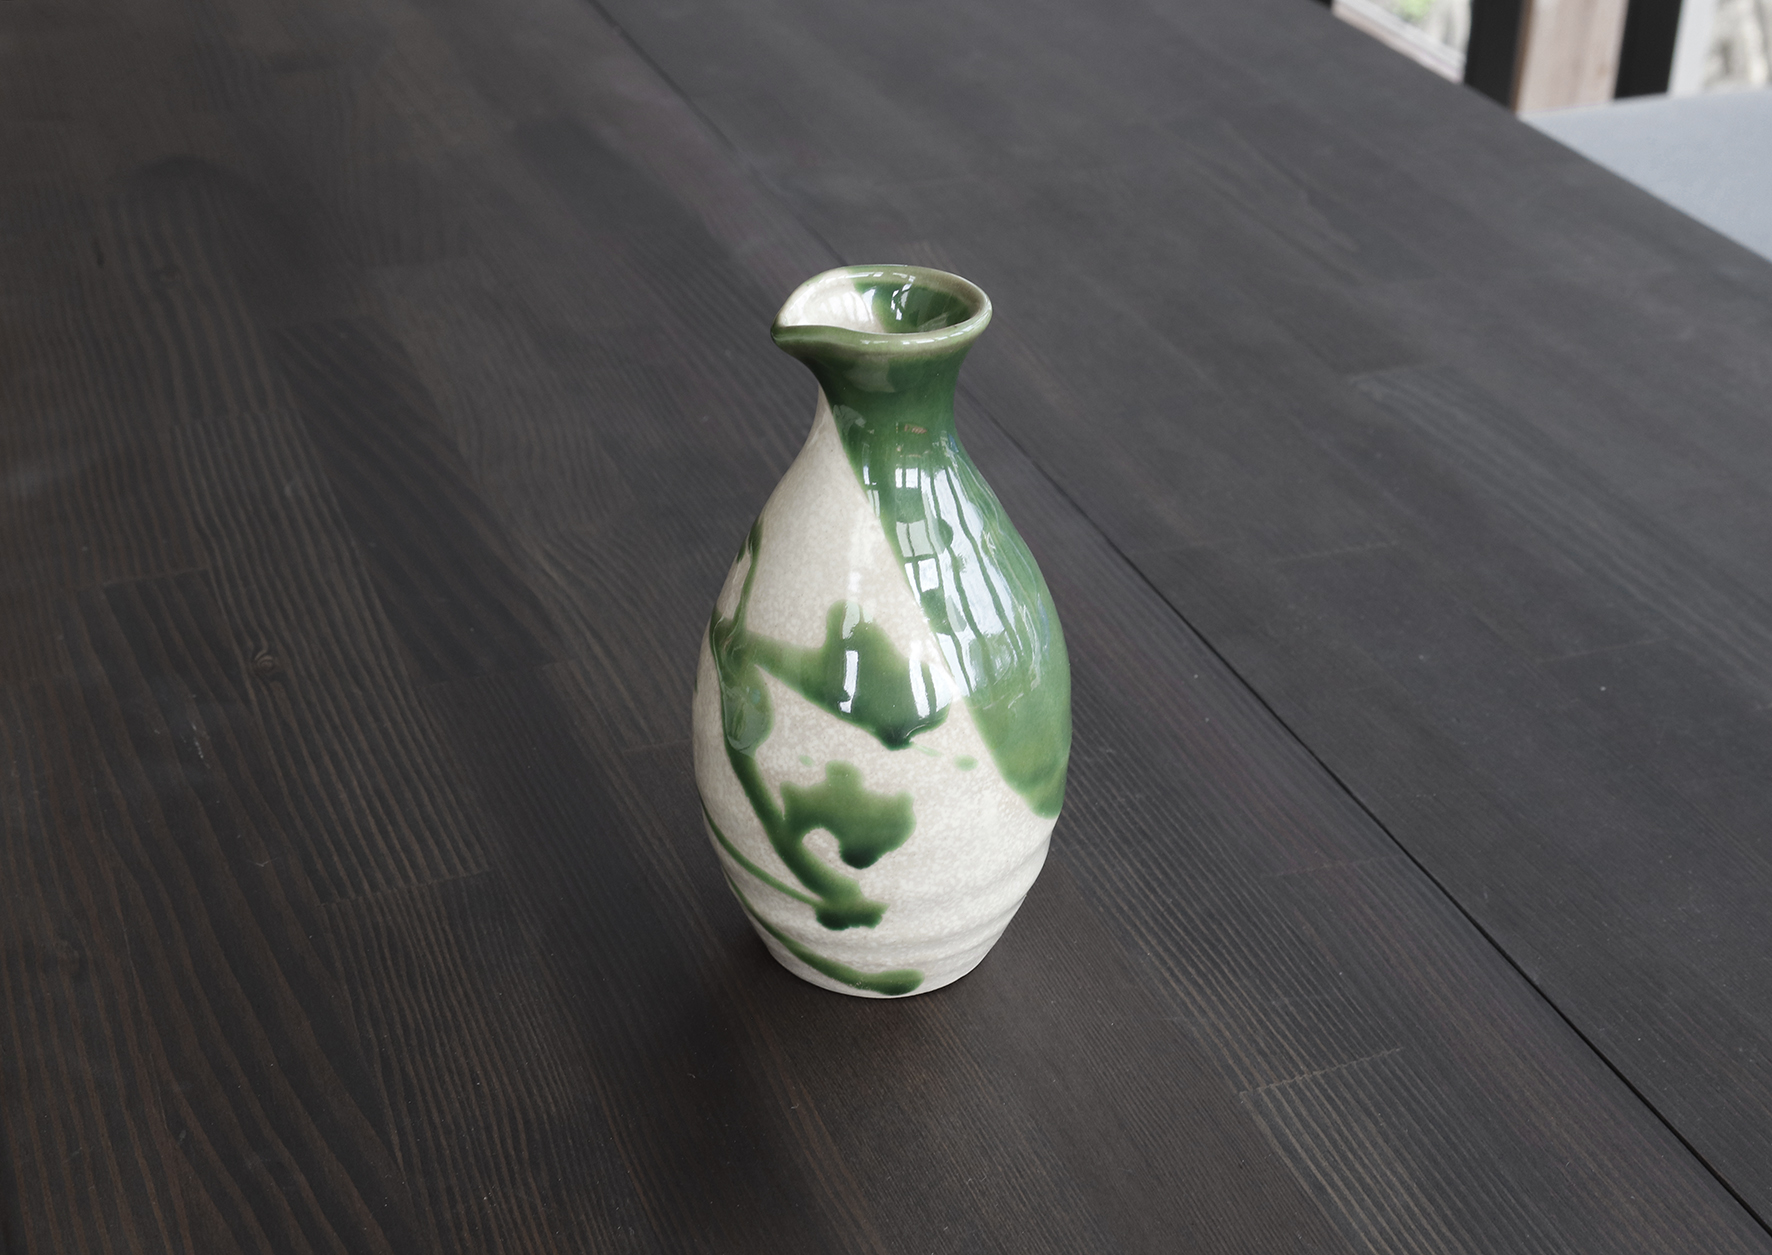 織部の緑は美しい。 現代的な乱織部